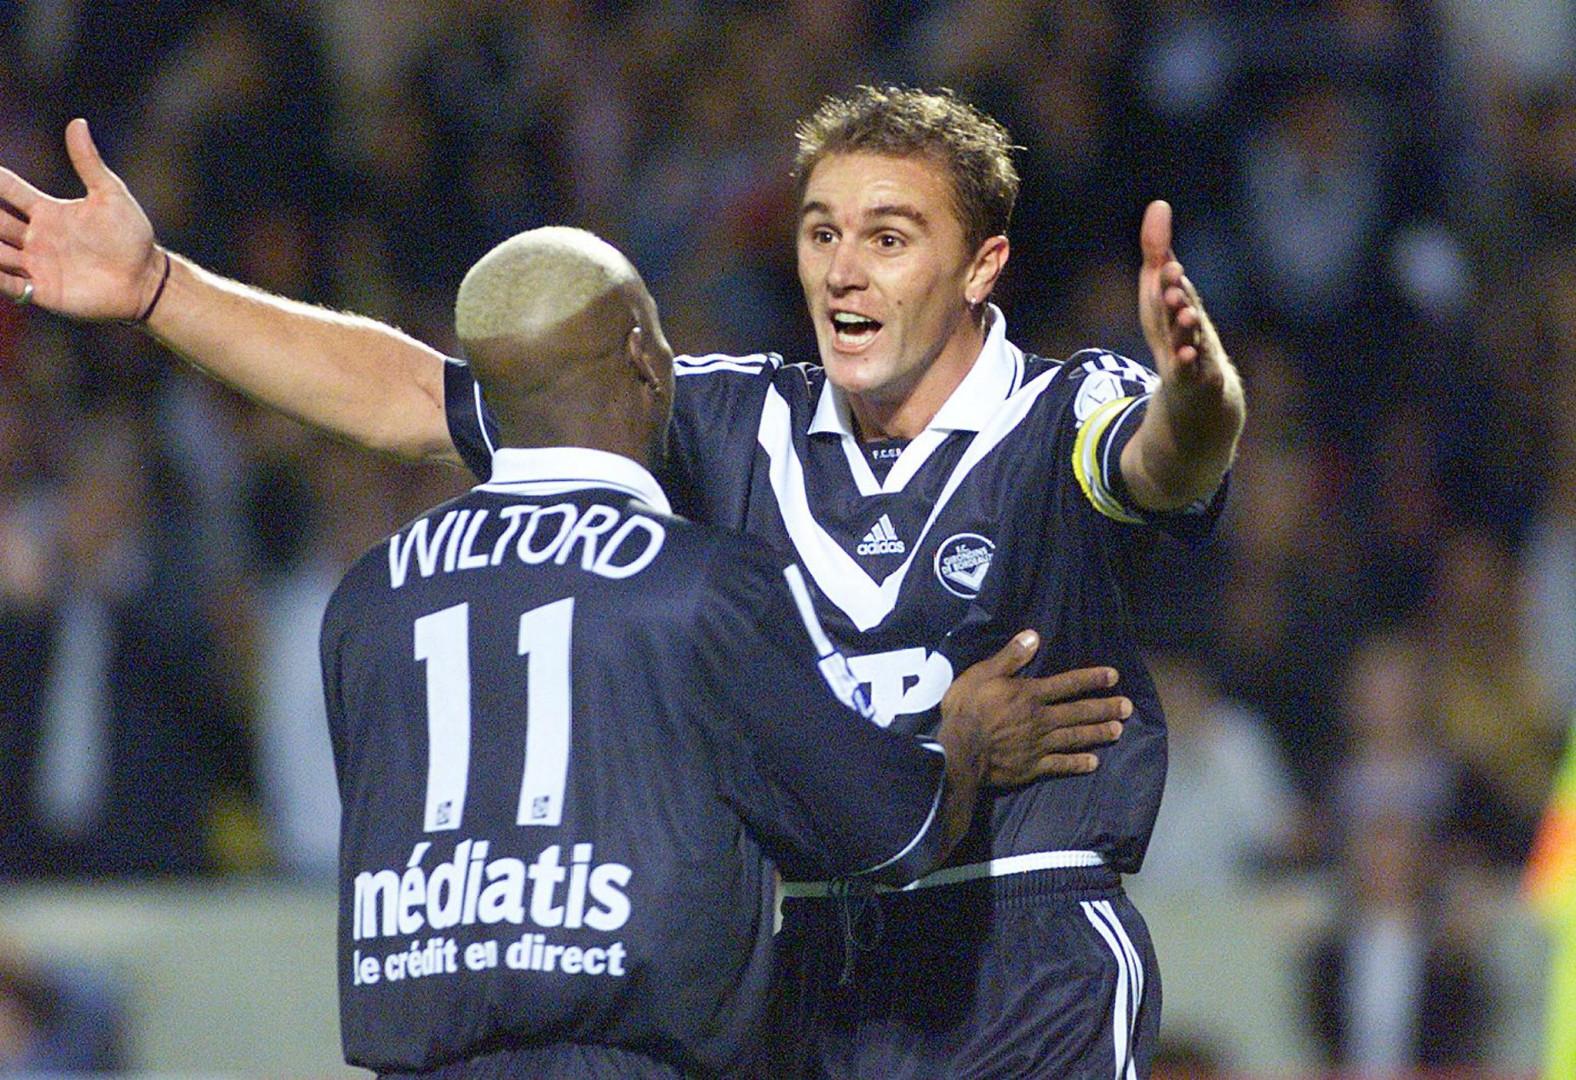 Wiltord et Laslandes, duo de choc de l'attaque des Girondins lors du titre de 1999 (ici en septembre 1999)